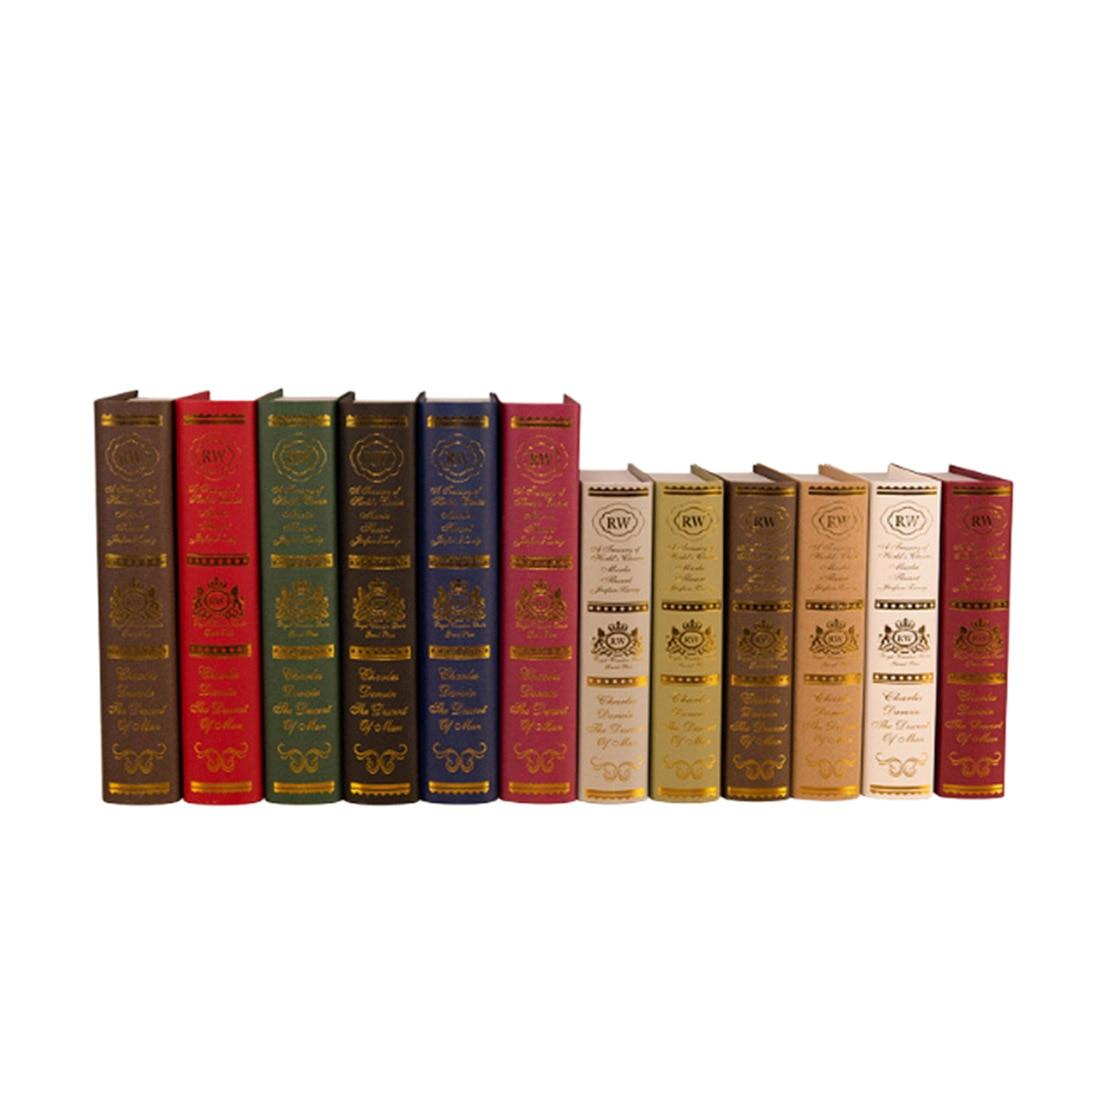 1 Pc Europese Stijl Huis Decoratieve Display Props Boek Simulatie Boek Boekenkast Nep Boeken Engels Moderne Minimalistische Decoratie Fijn Vakmanschap